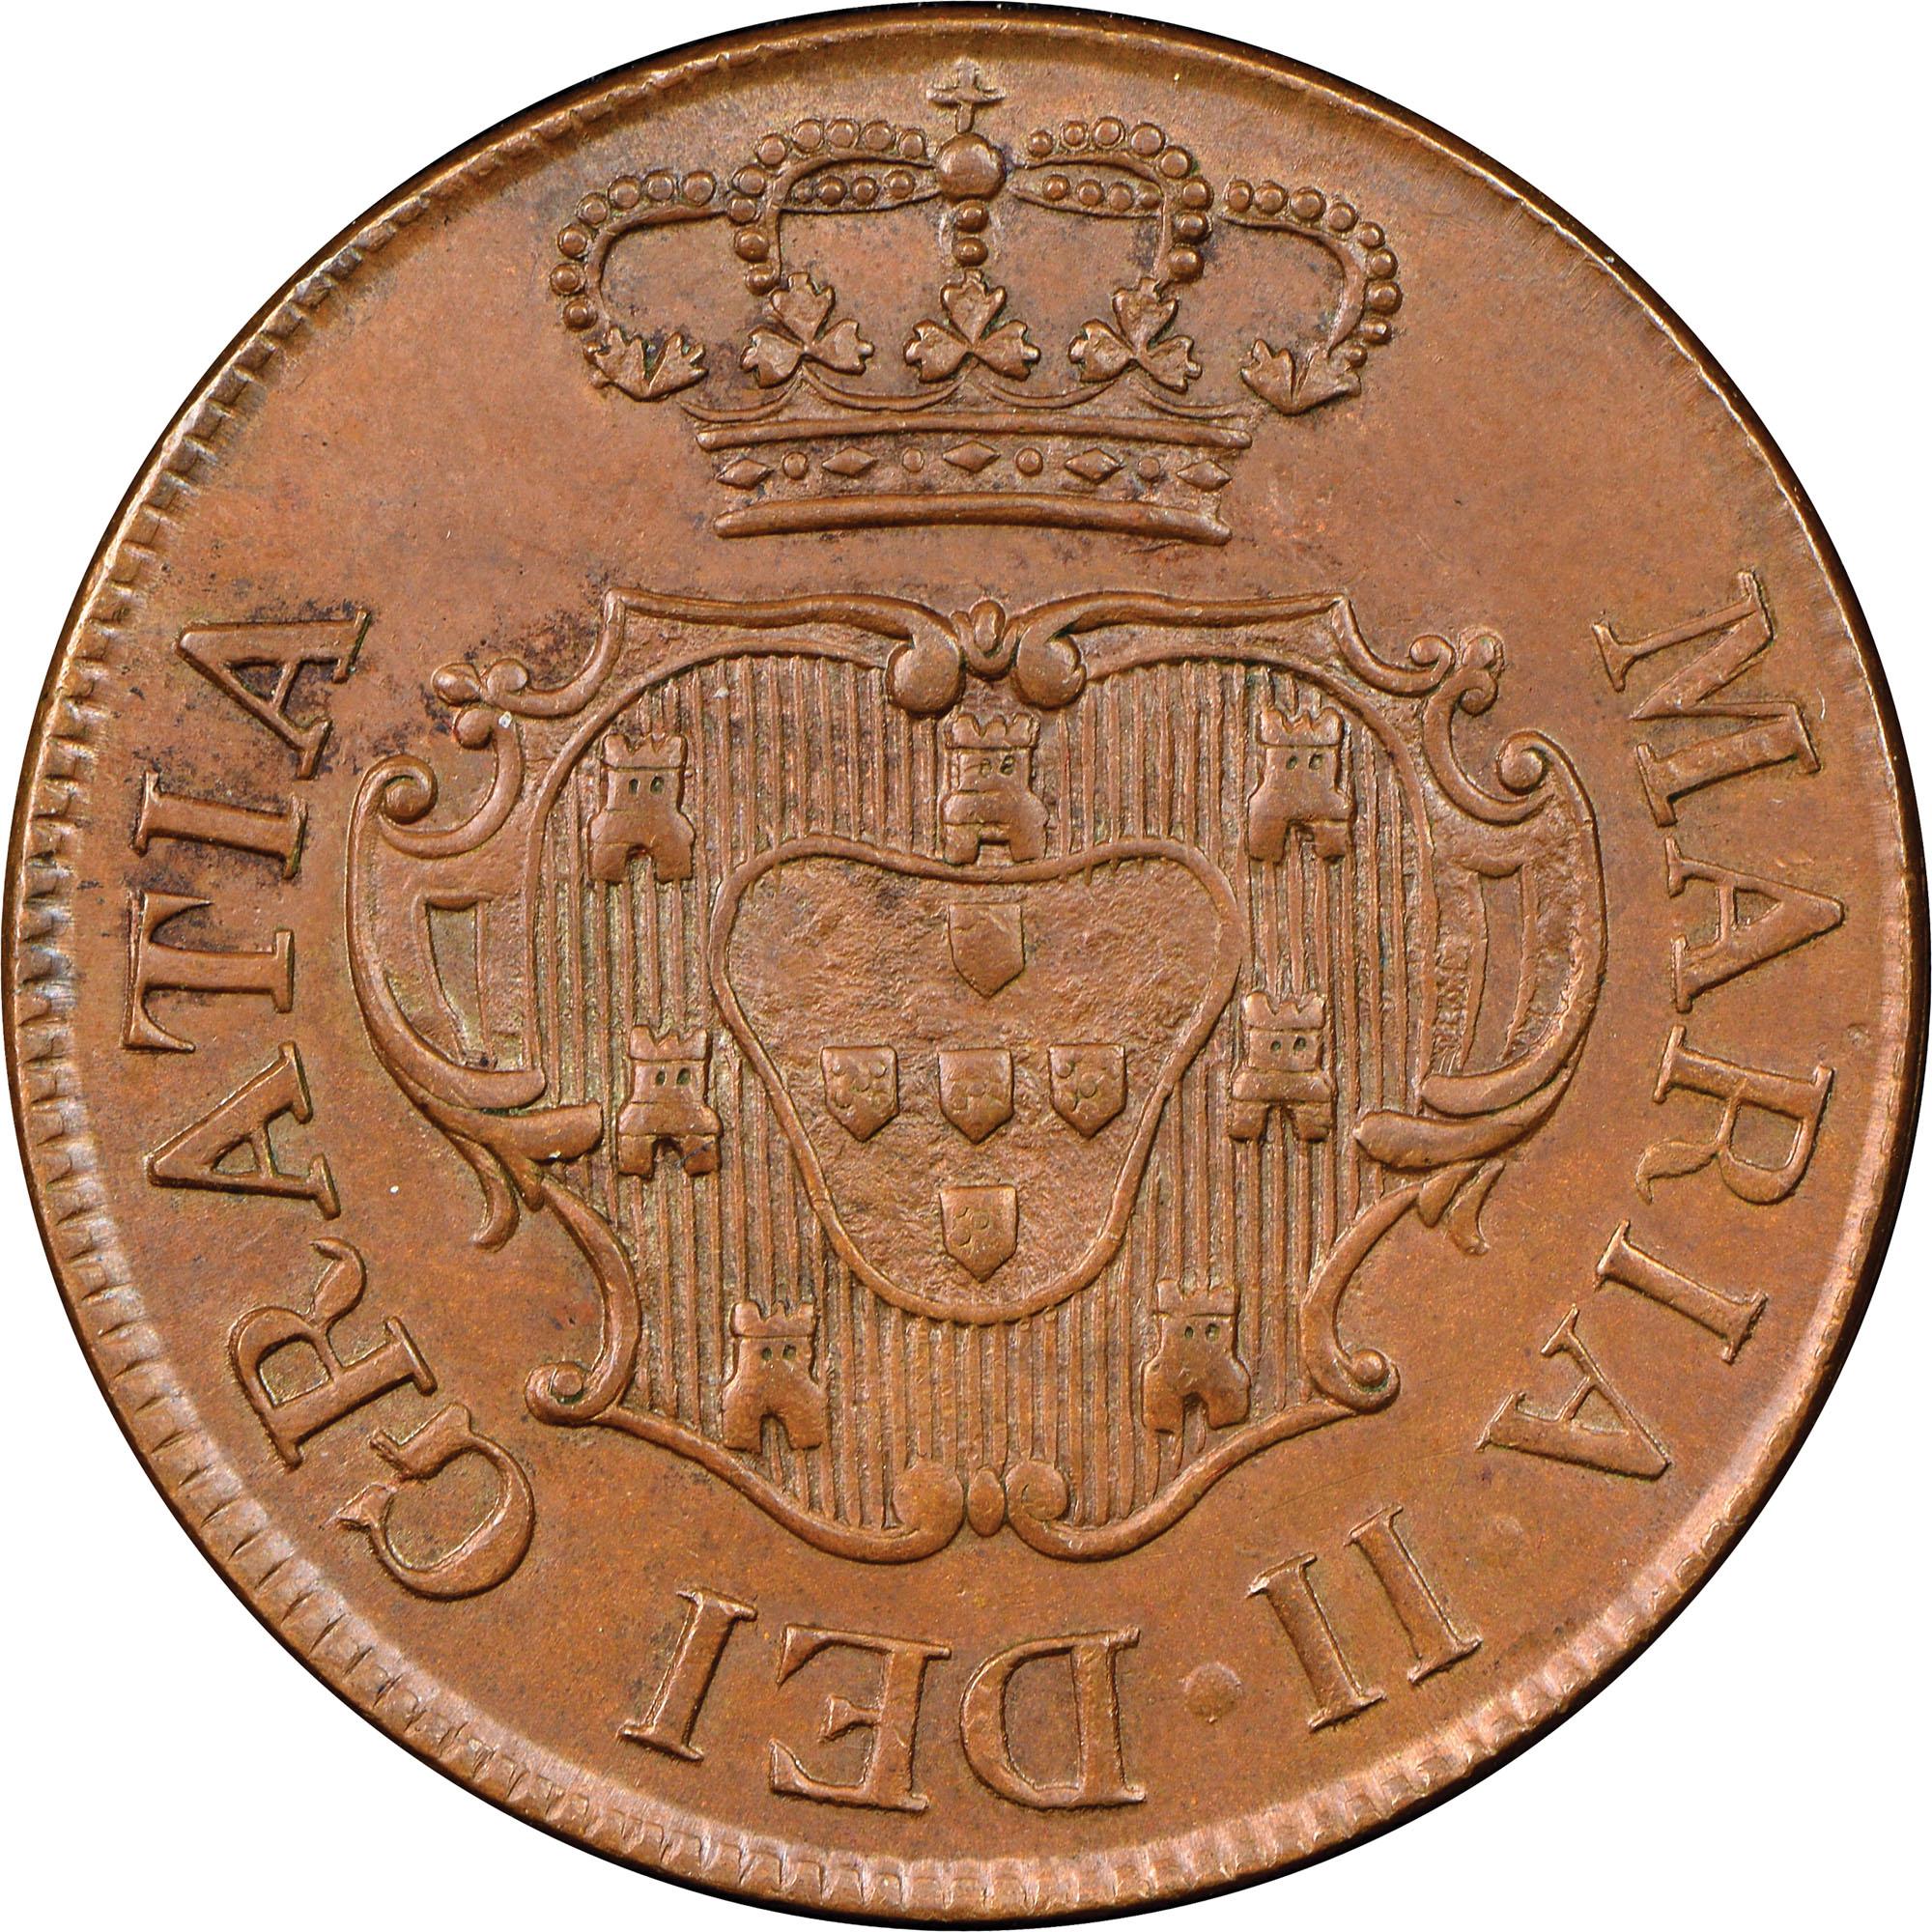 1830 Azores TERCEIRA ISLAND 5 Reis obverse